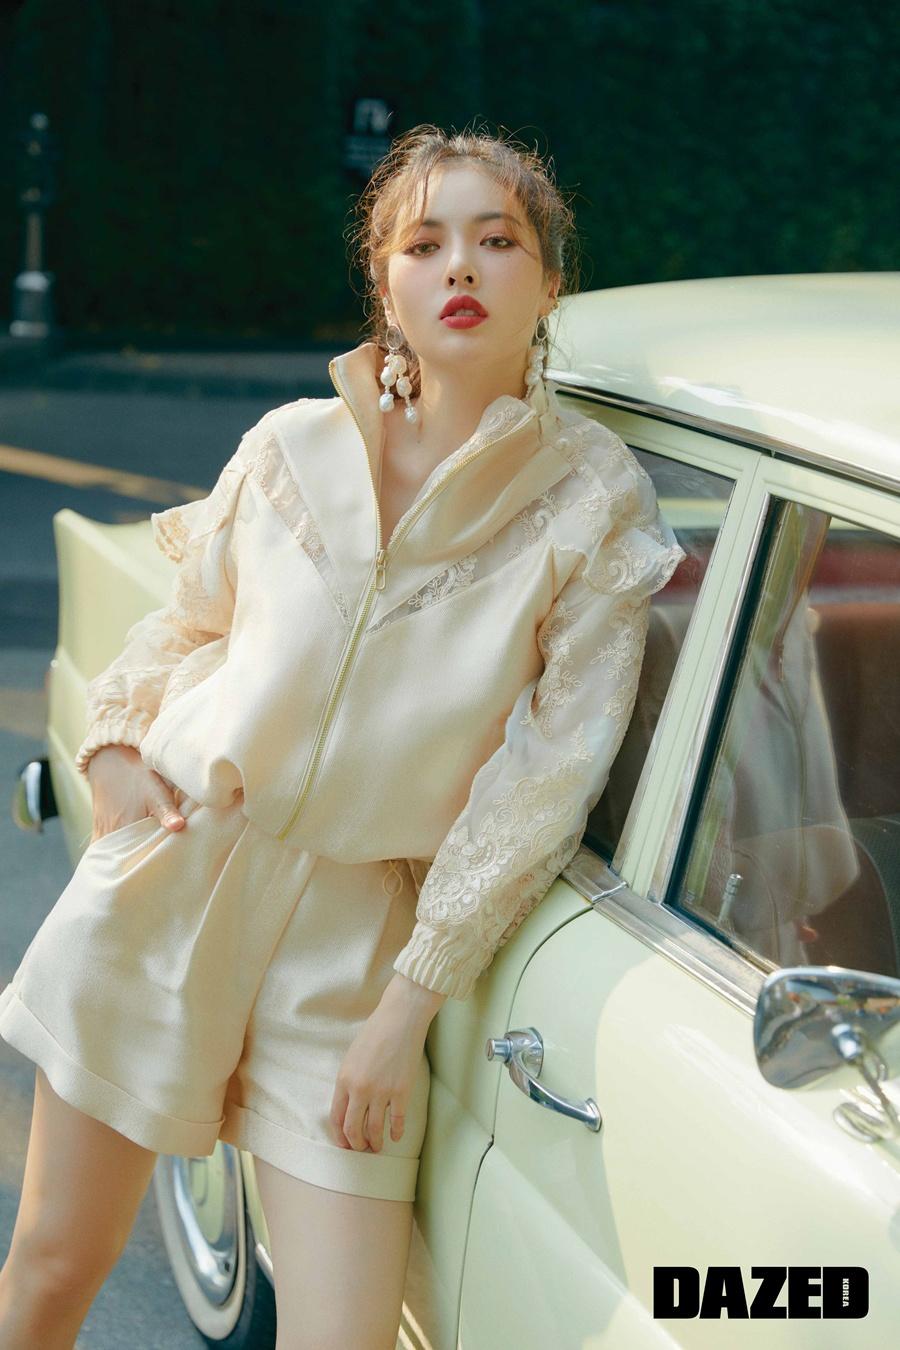 歌手泫雅公开了最新杂志写真 魅力无限的时尚写真